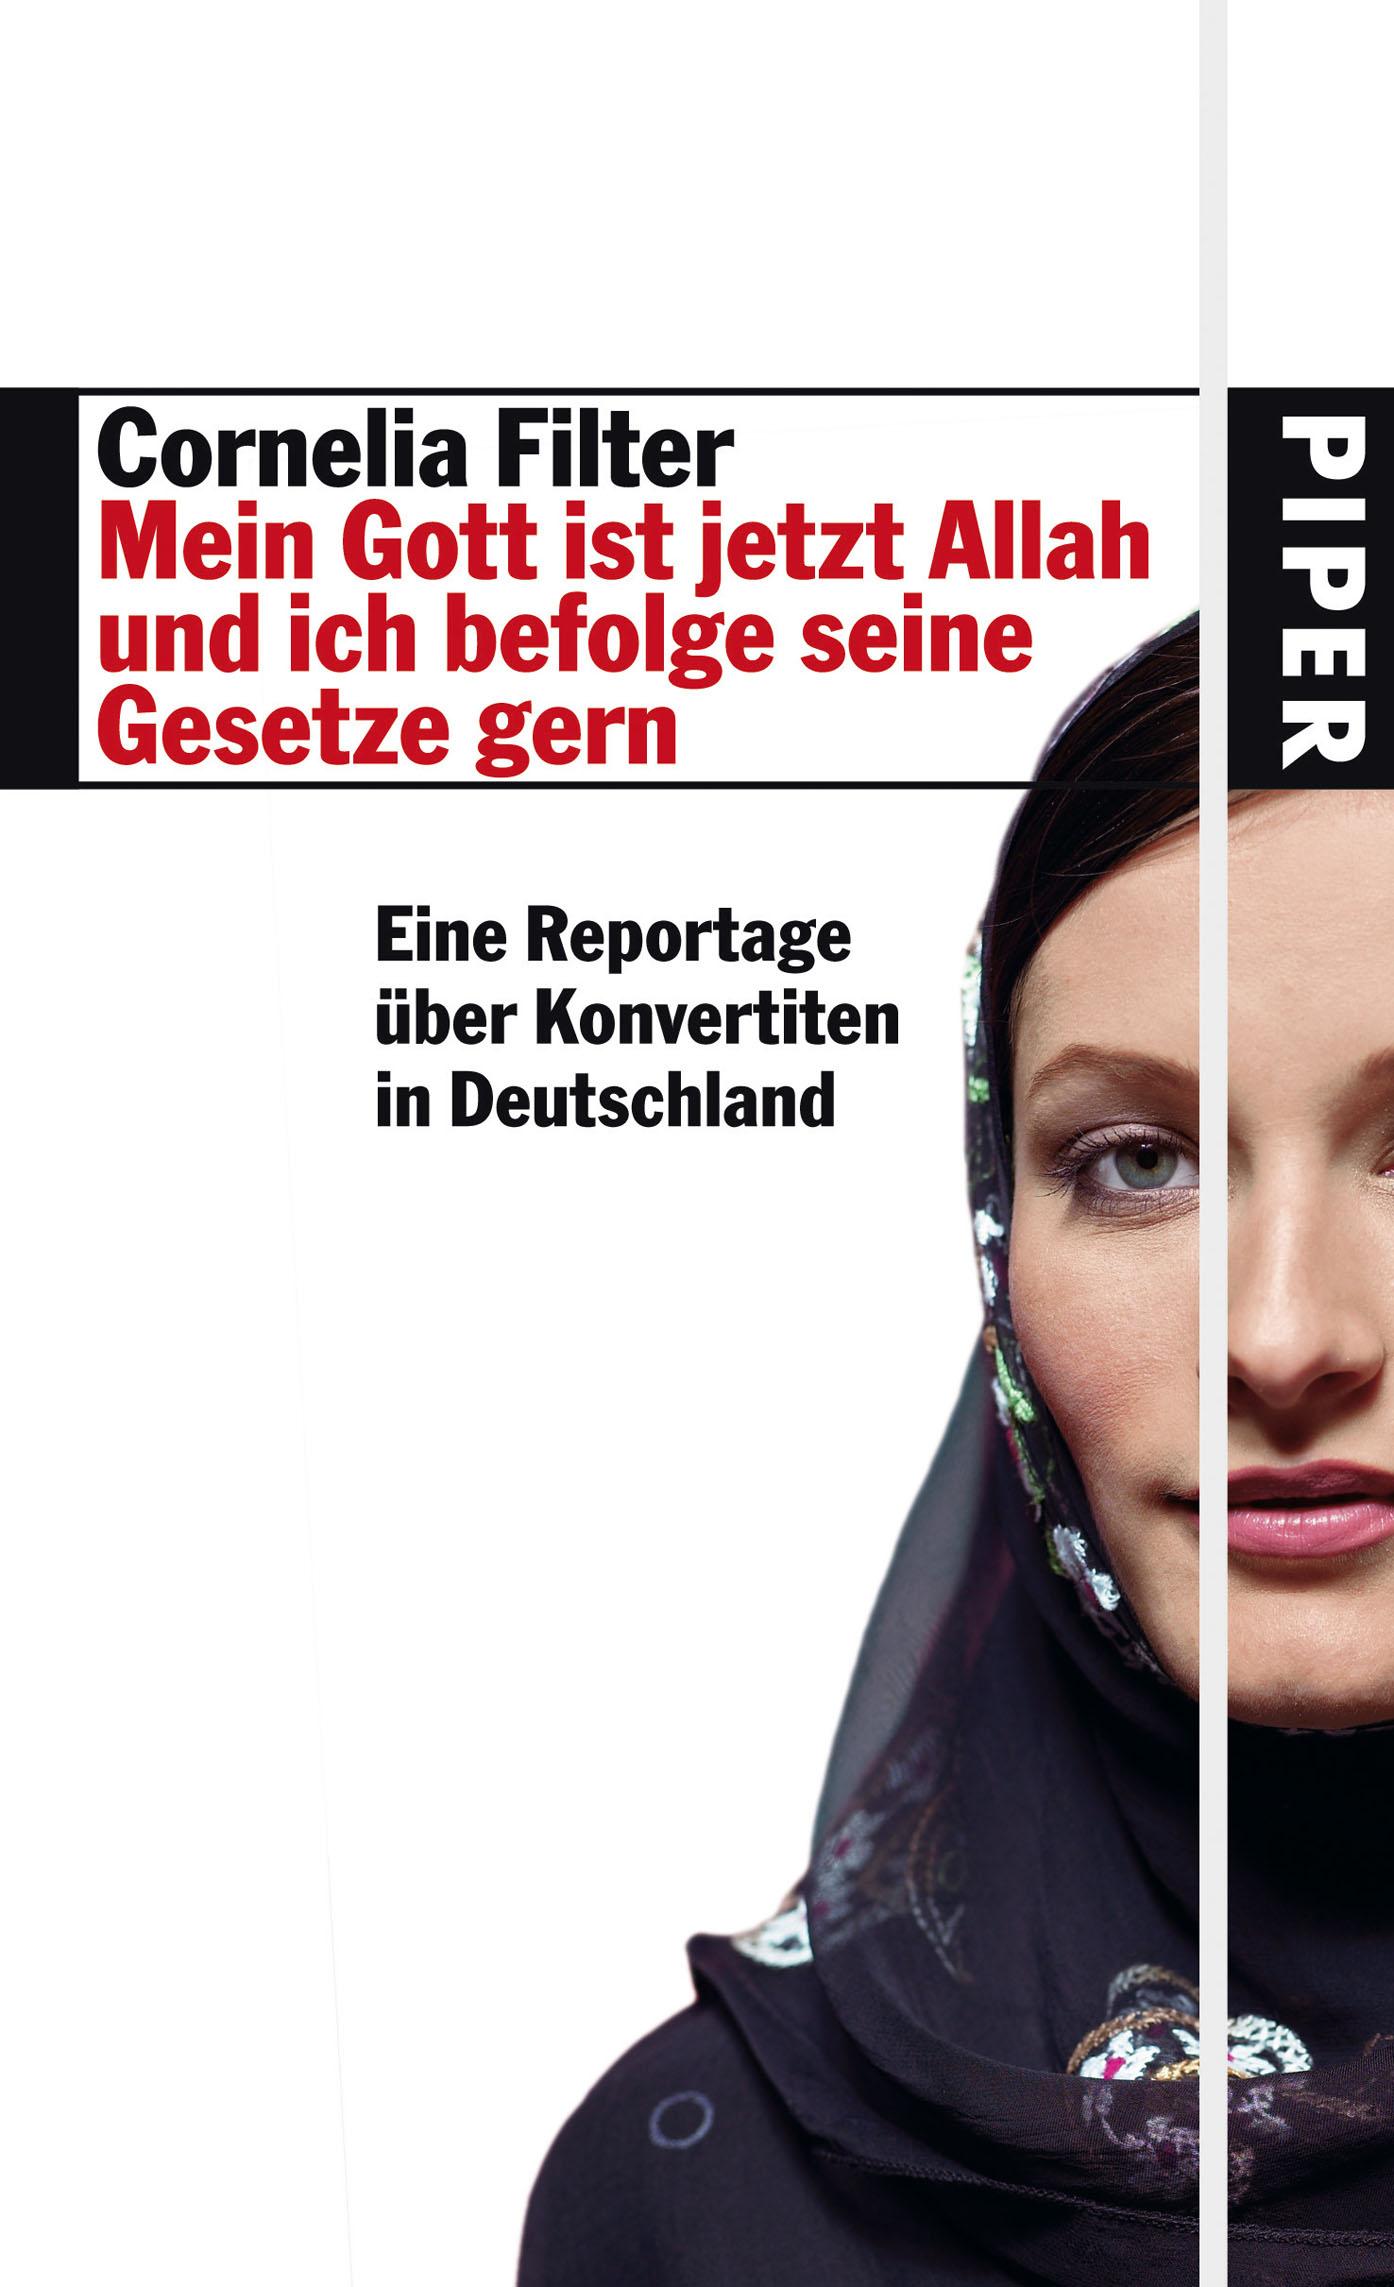 Mein Gott ist jetzt Allah und ich befolge seine Gesetze gern: Eine Reportage über Konvertiten in Deutschland - Cornelia Filter